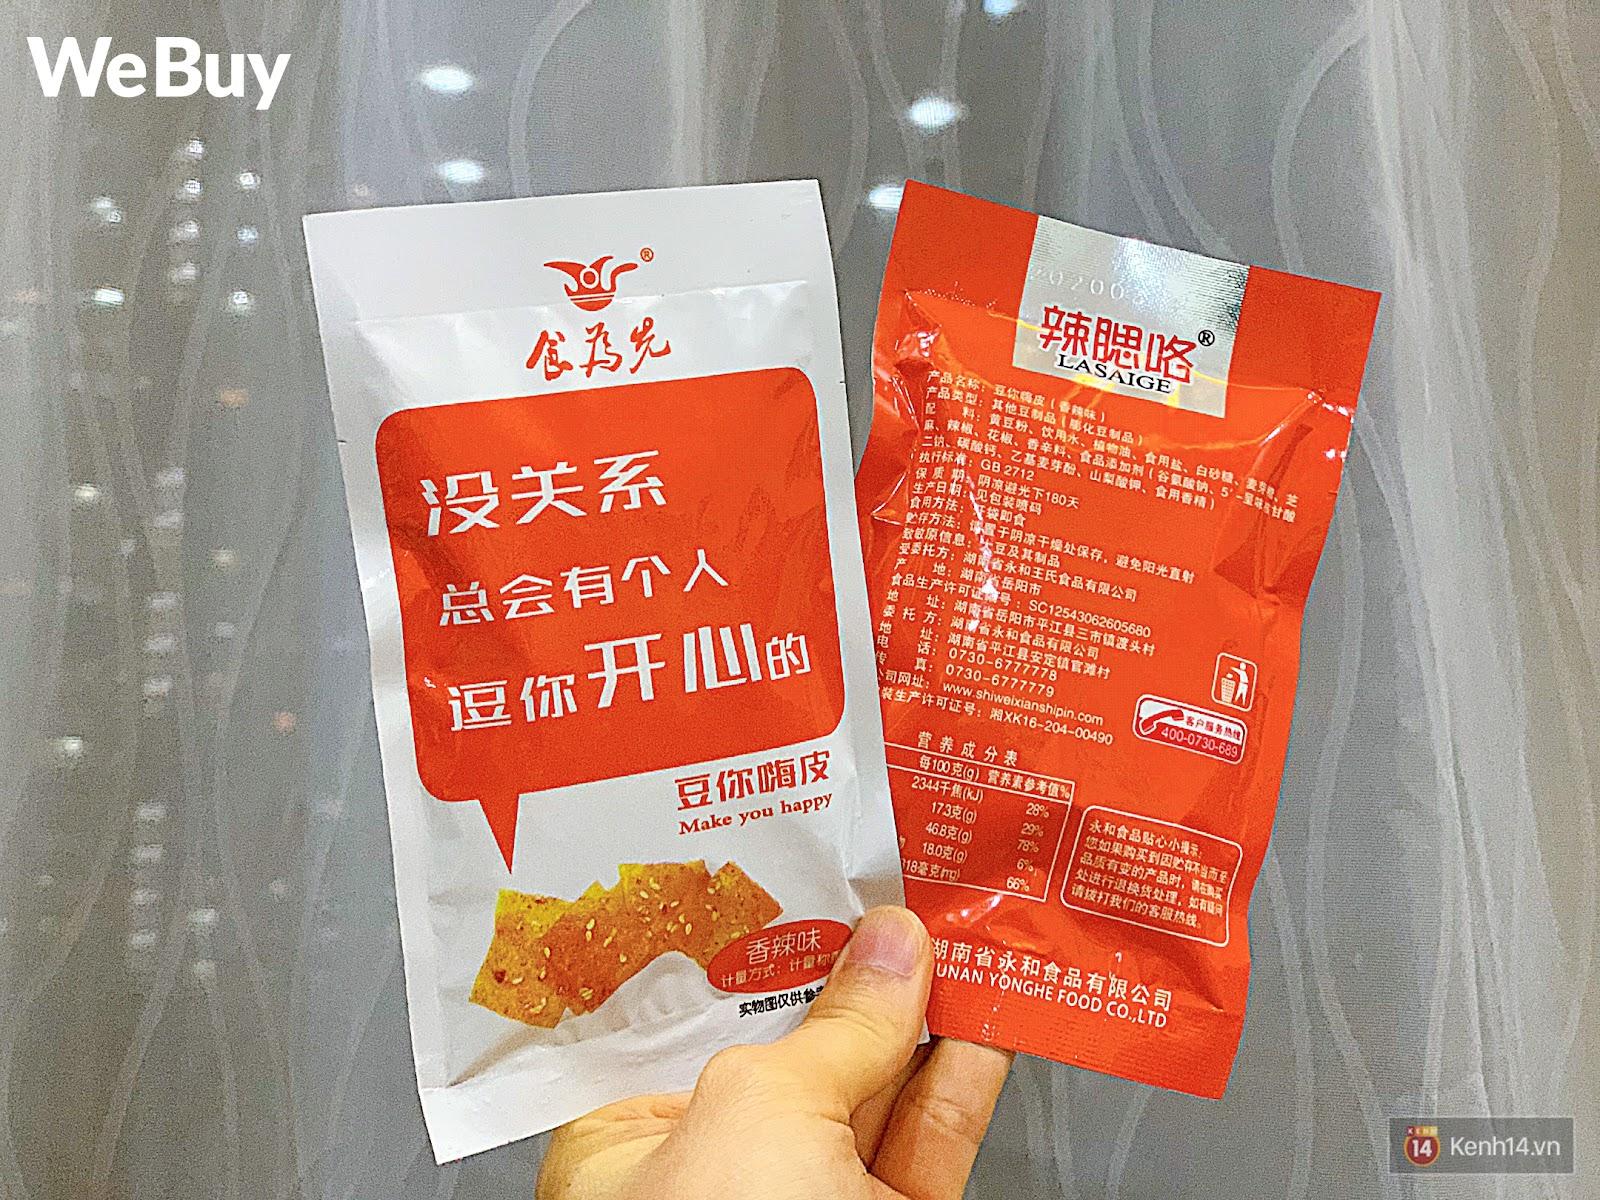 """Review set đồ ăn vặt nội địa Trung Quốc hot hit gần đây: Lung linh hấp dẫn là thế nhưng ăn thử mới thấy như bị... """"lừa tình"""" - Ảnh 15."""